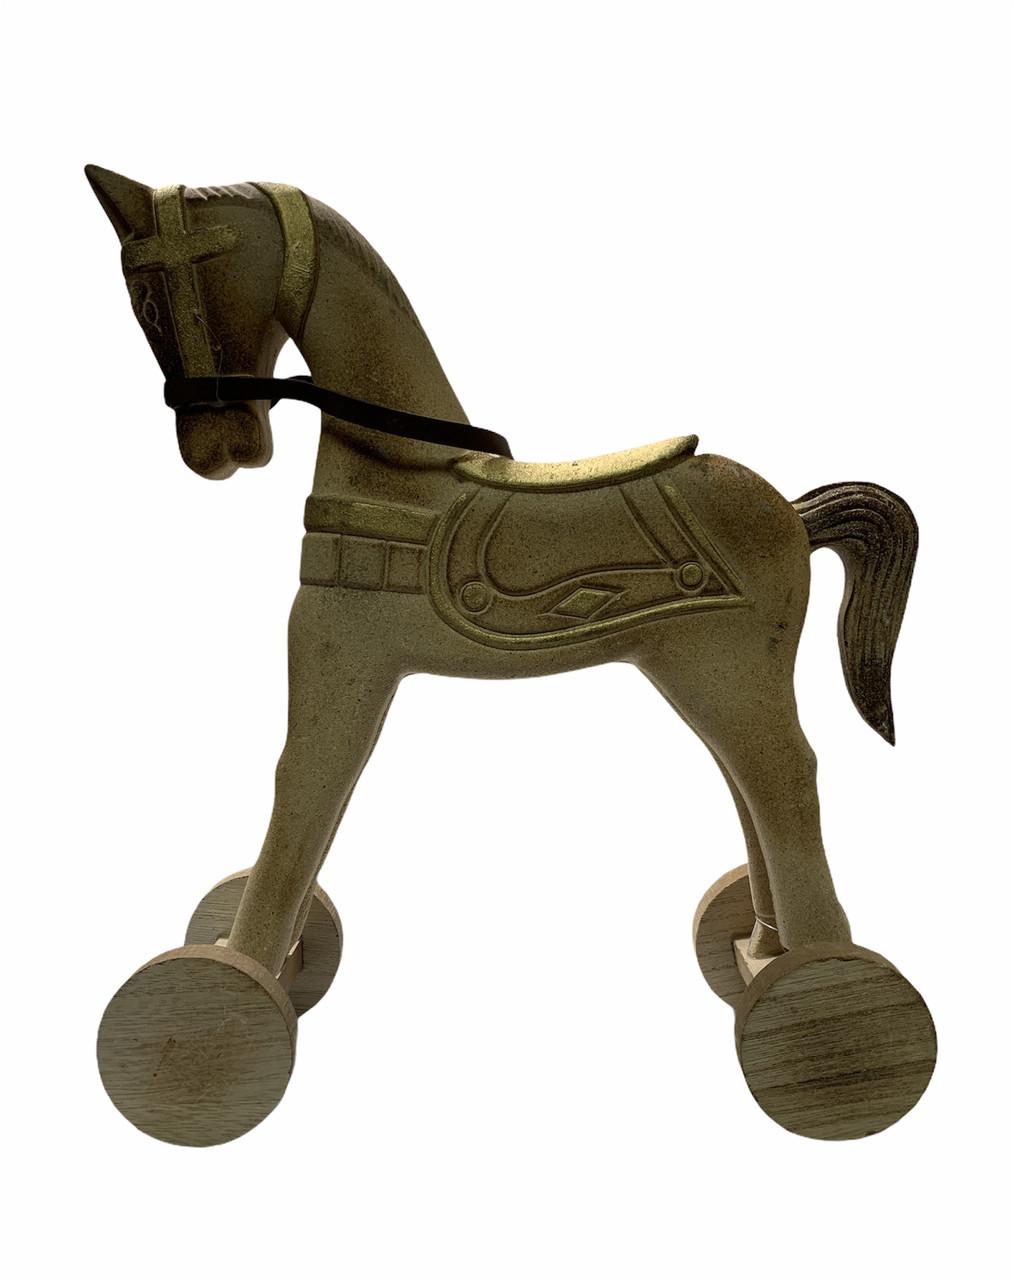 Лошадь деревянная/декоративная  на колесах Edeka 29 х 10,6 х 33,2 см